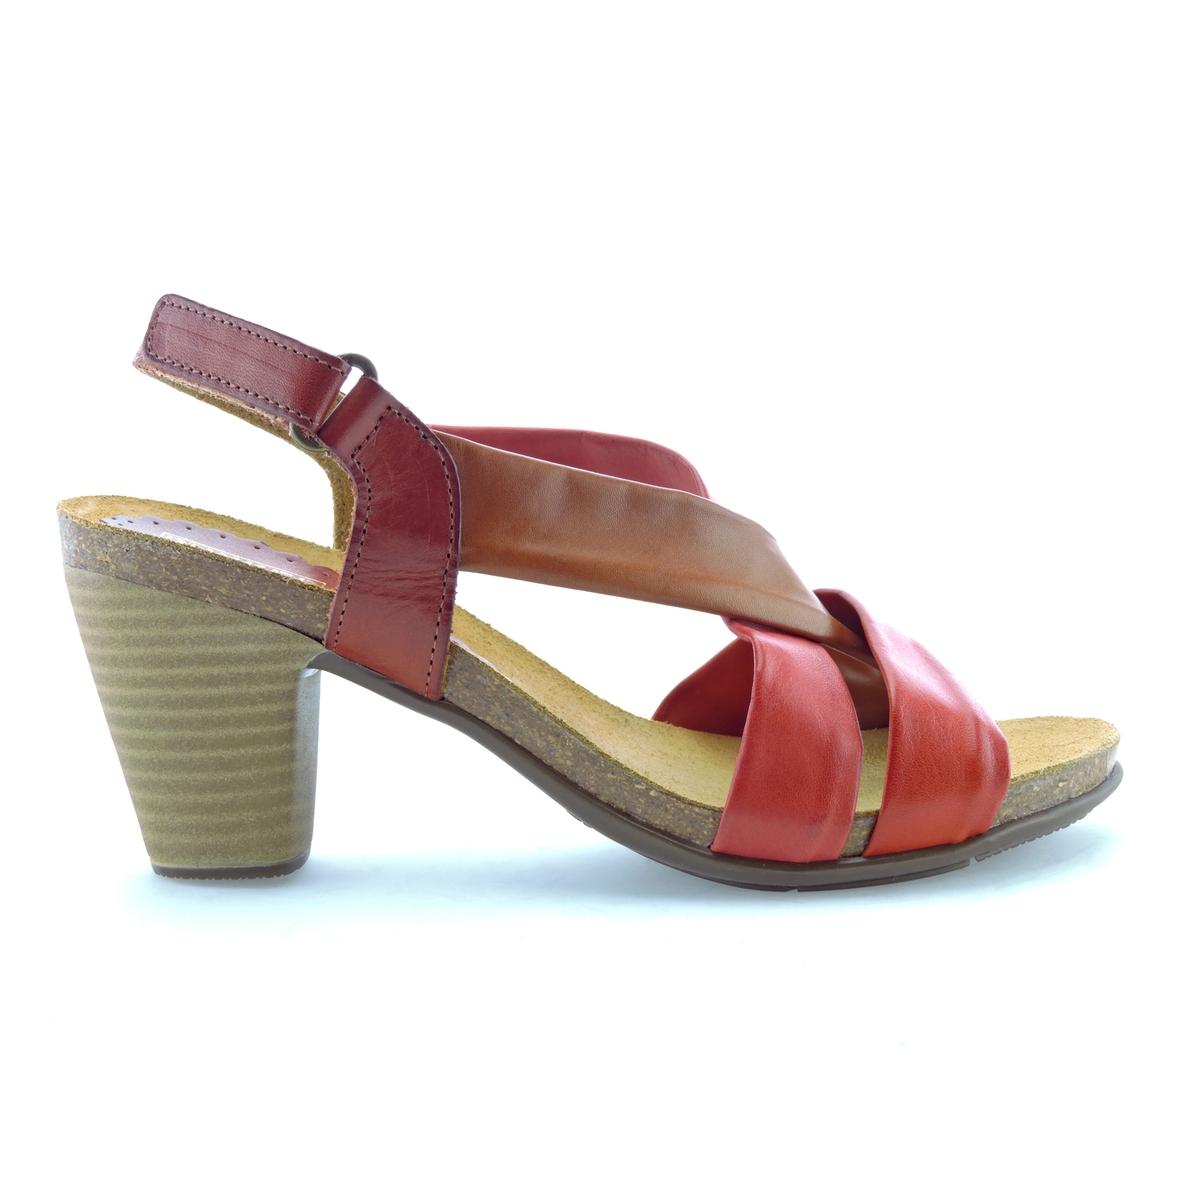 Босоножки кожаные LizВерх : кожа   Стелька : кожа   Подошва : эластомер   Высота каблука : 8 см   Форма каблука : квадратный каблук   Мысок : открытый мысок   Застежка : пряжка<br><br>Цвет: темно-бежевый